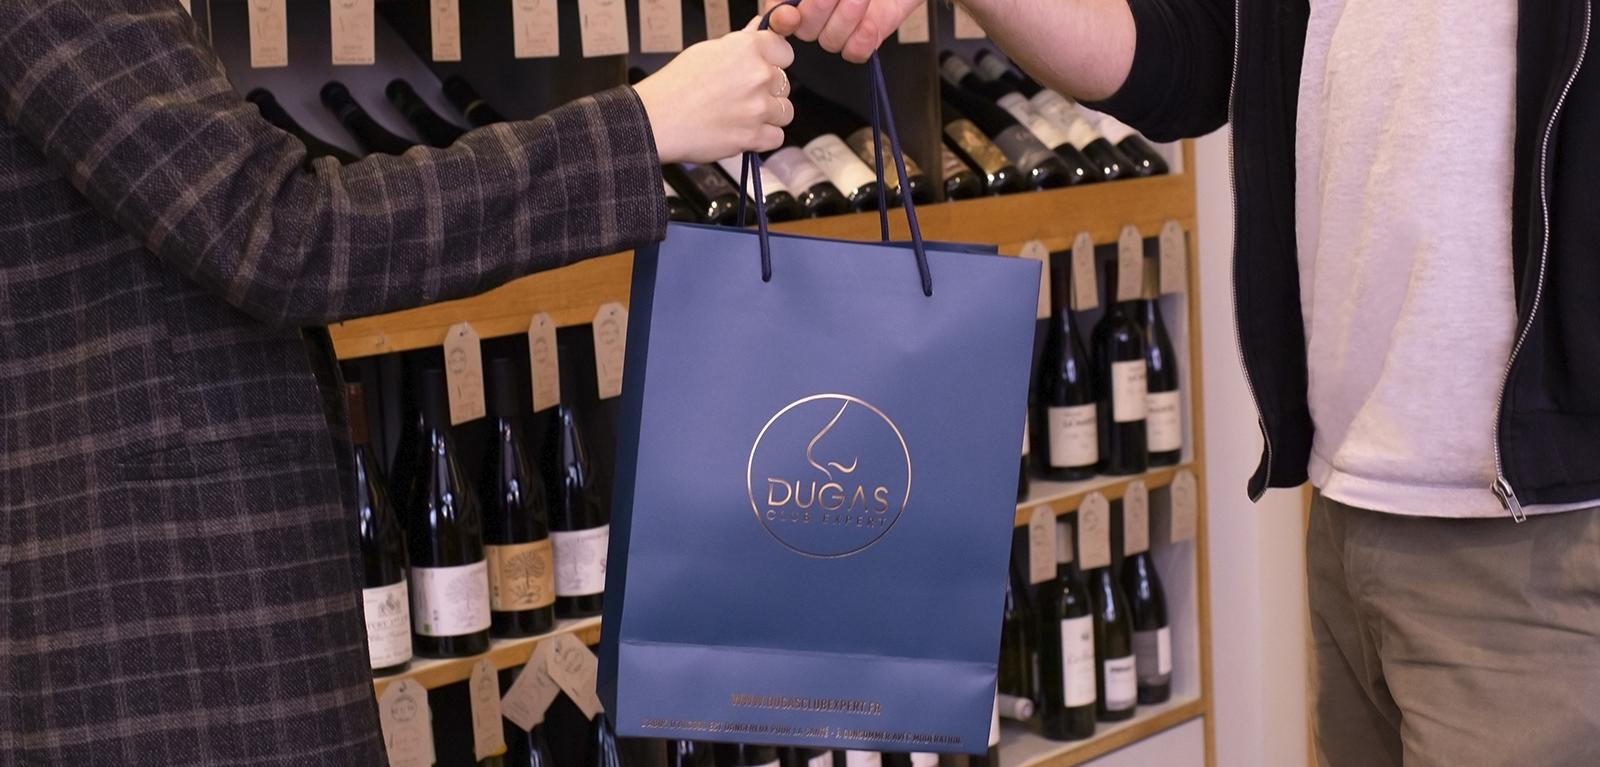 dugas Club Expert boutique en ligne spiritueux caviste partenaire